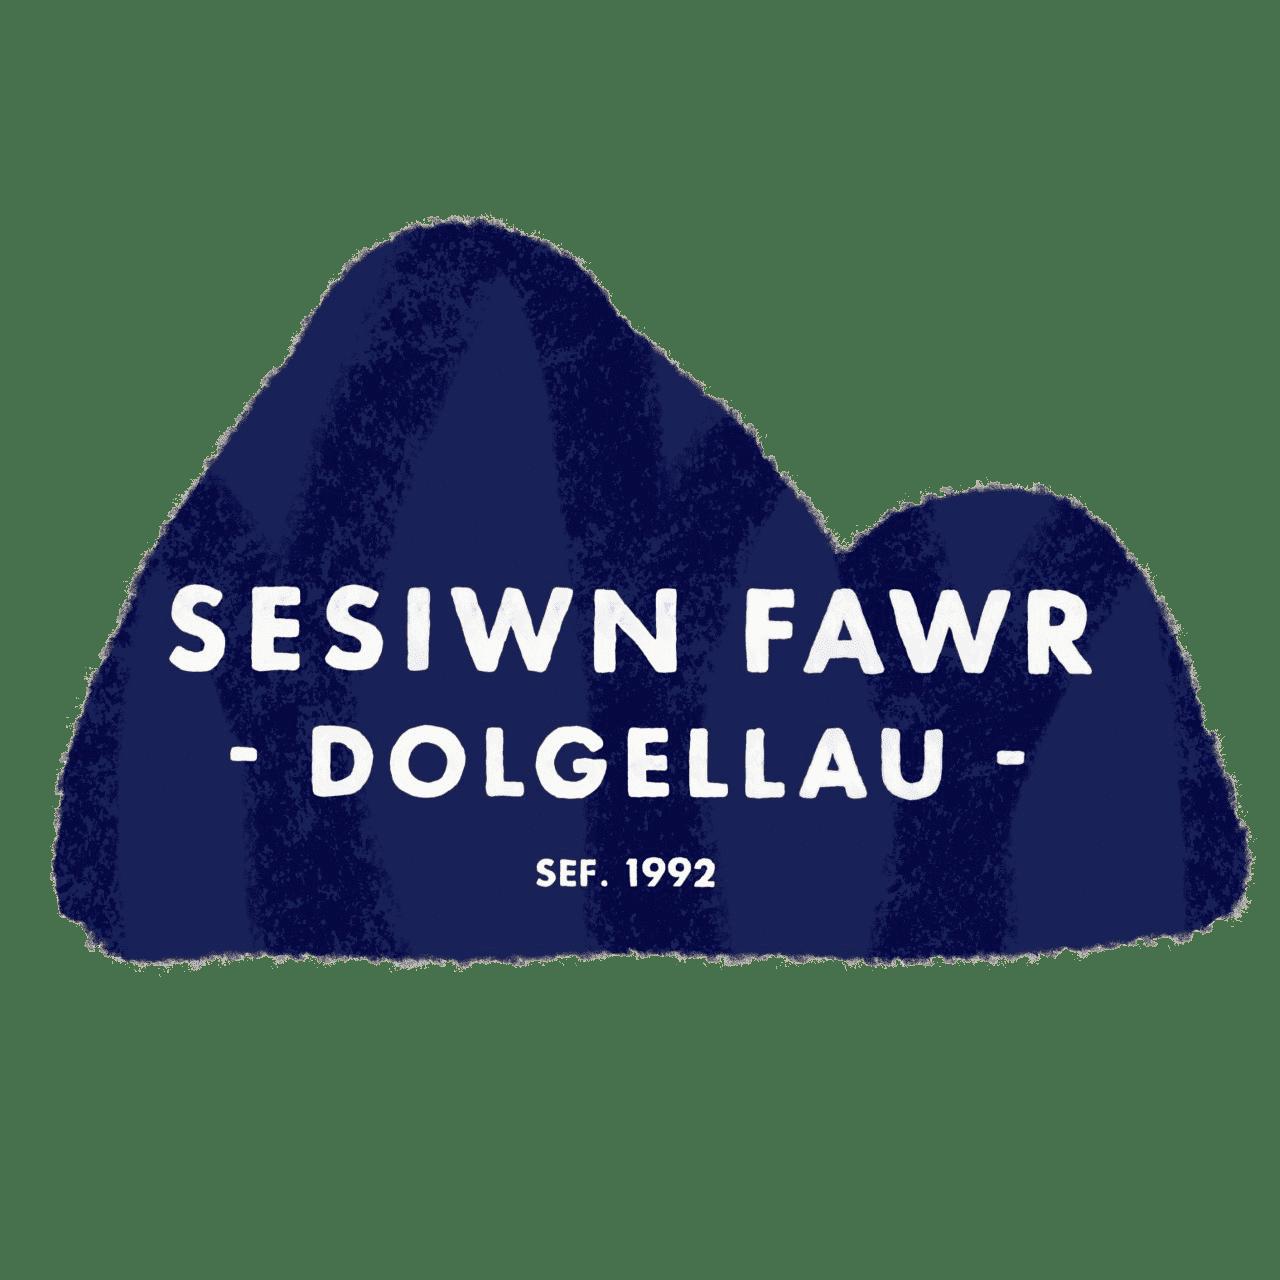 Sesiwn Fawr Dolgellau